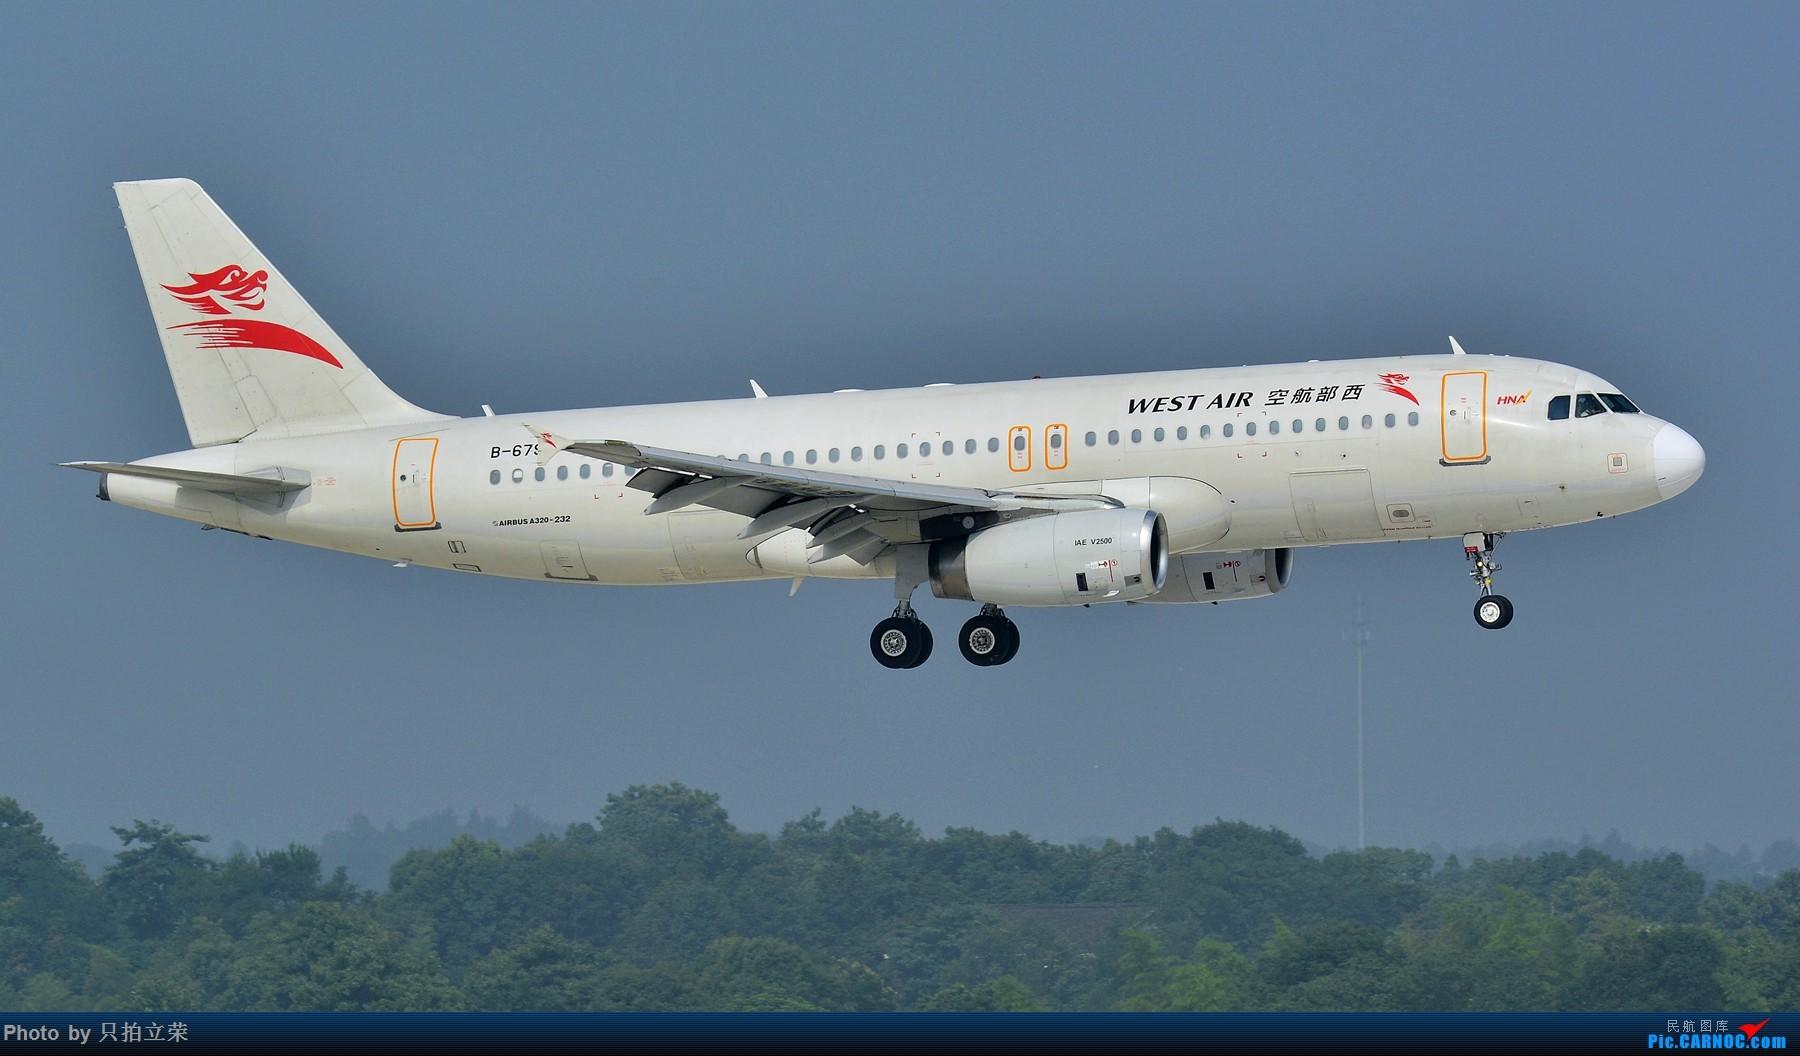 Re:[原创]湖南飞友会:存货,一组四川航空100号长沙黄花机场降落 AIRBUS A320-200 B-6790 中国长沙黄花国际机场